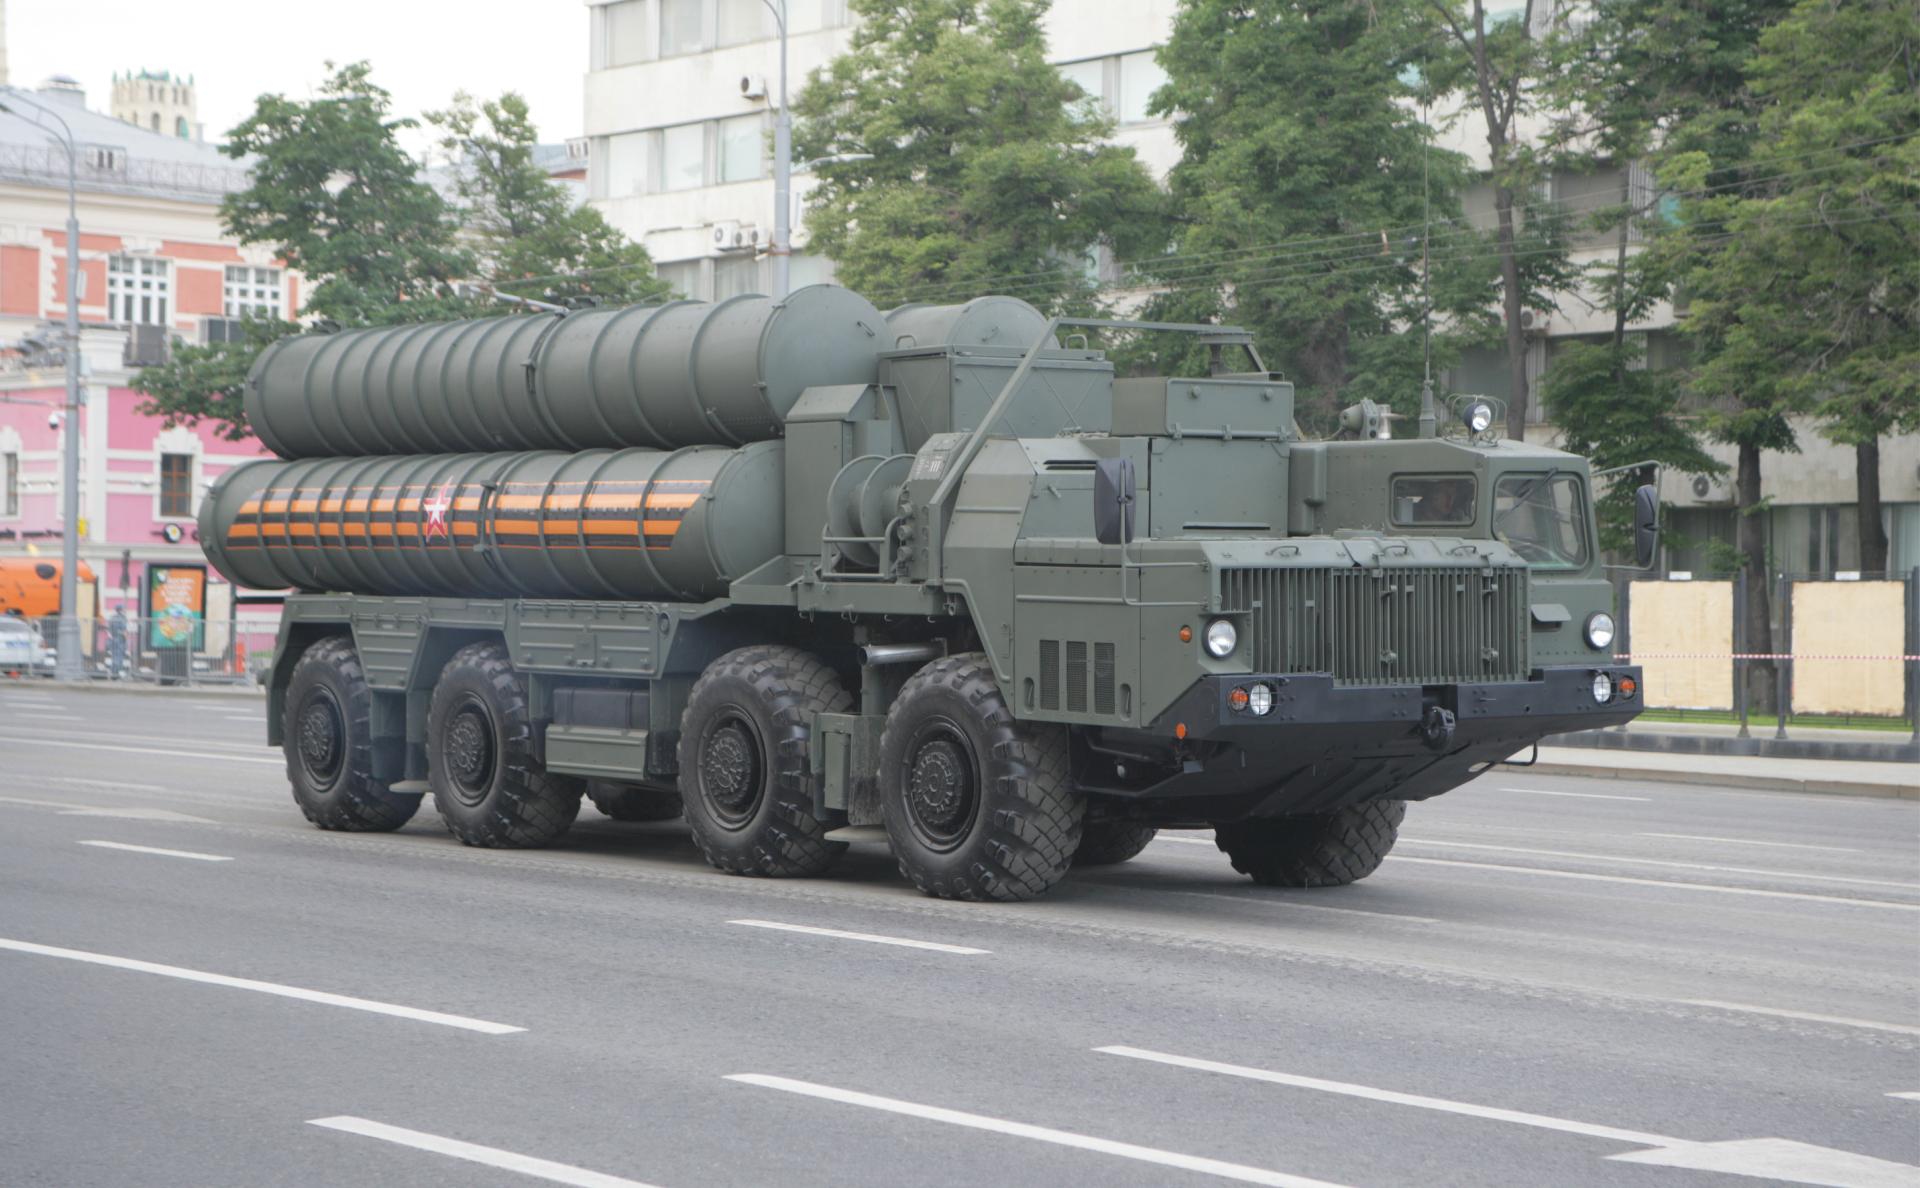 В США предложили выкупить С-400 у Турции за счет бюджета Пентагона